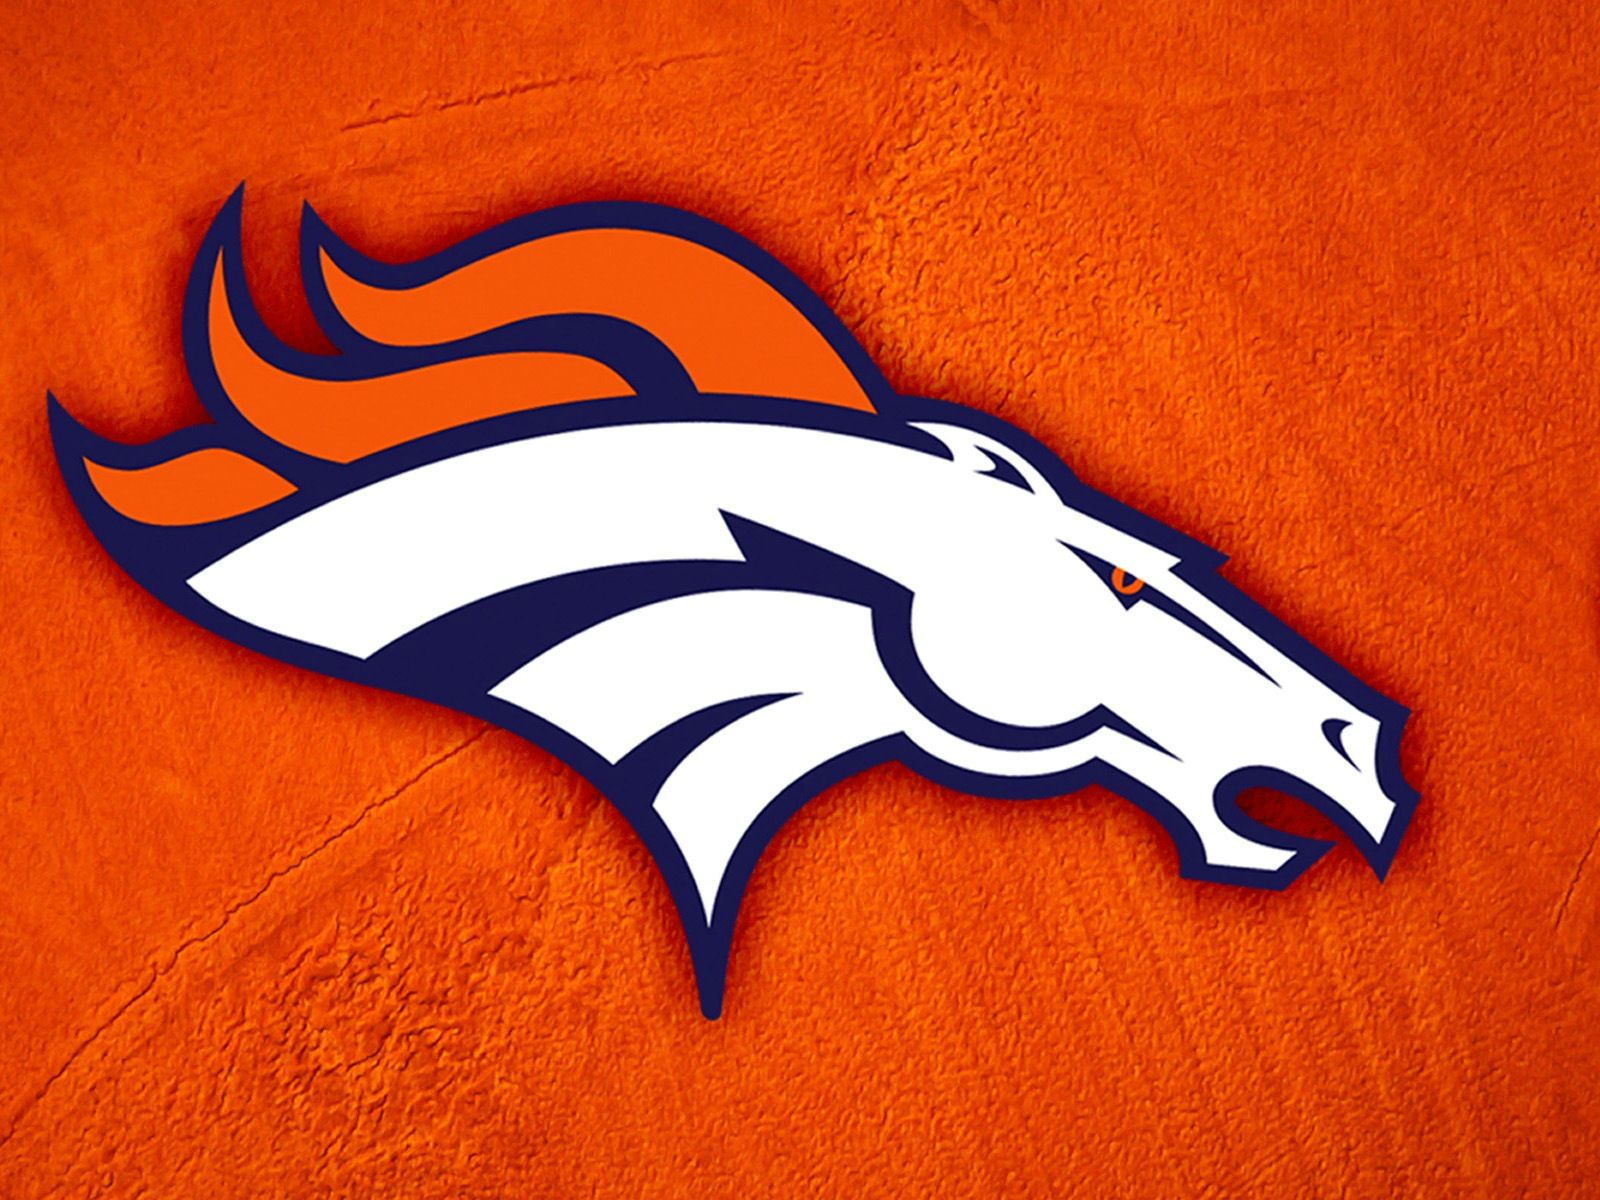 NFL Denver Broncos Wallpaper